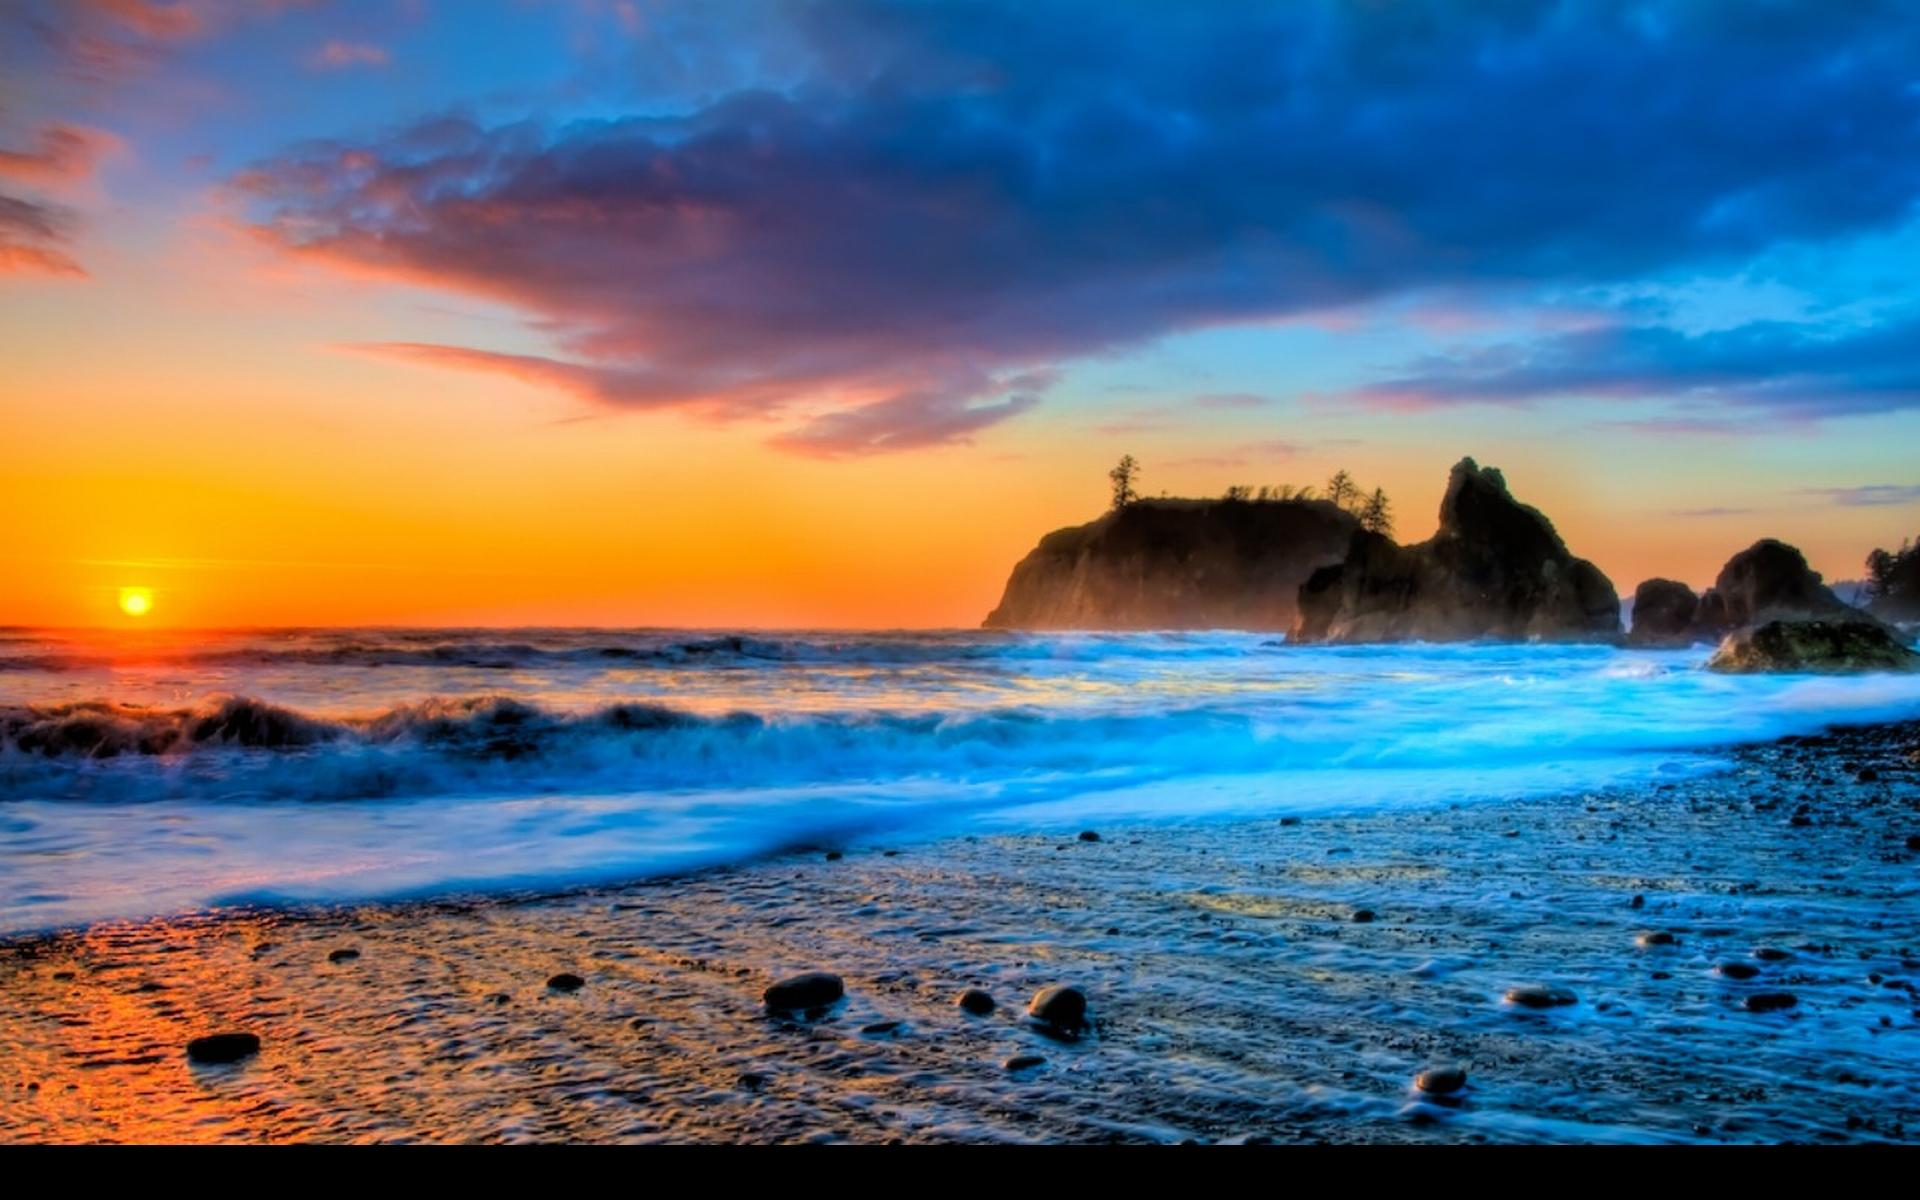 Hd wallpaper beach - Sunset Beach Wallpaper Hd Widescreen